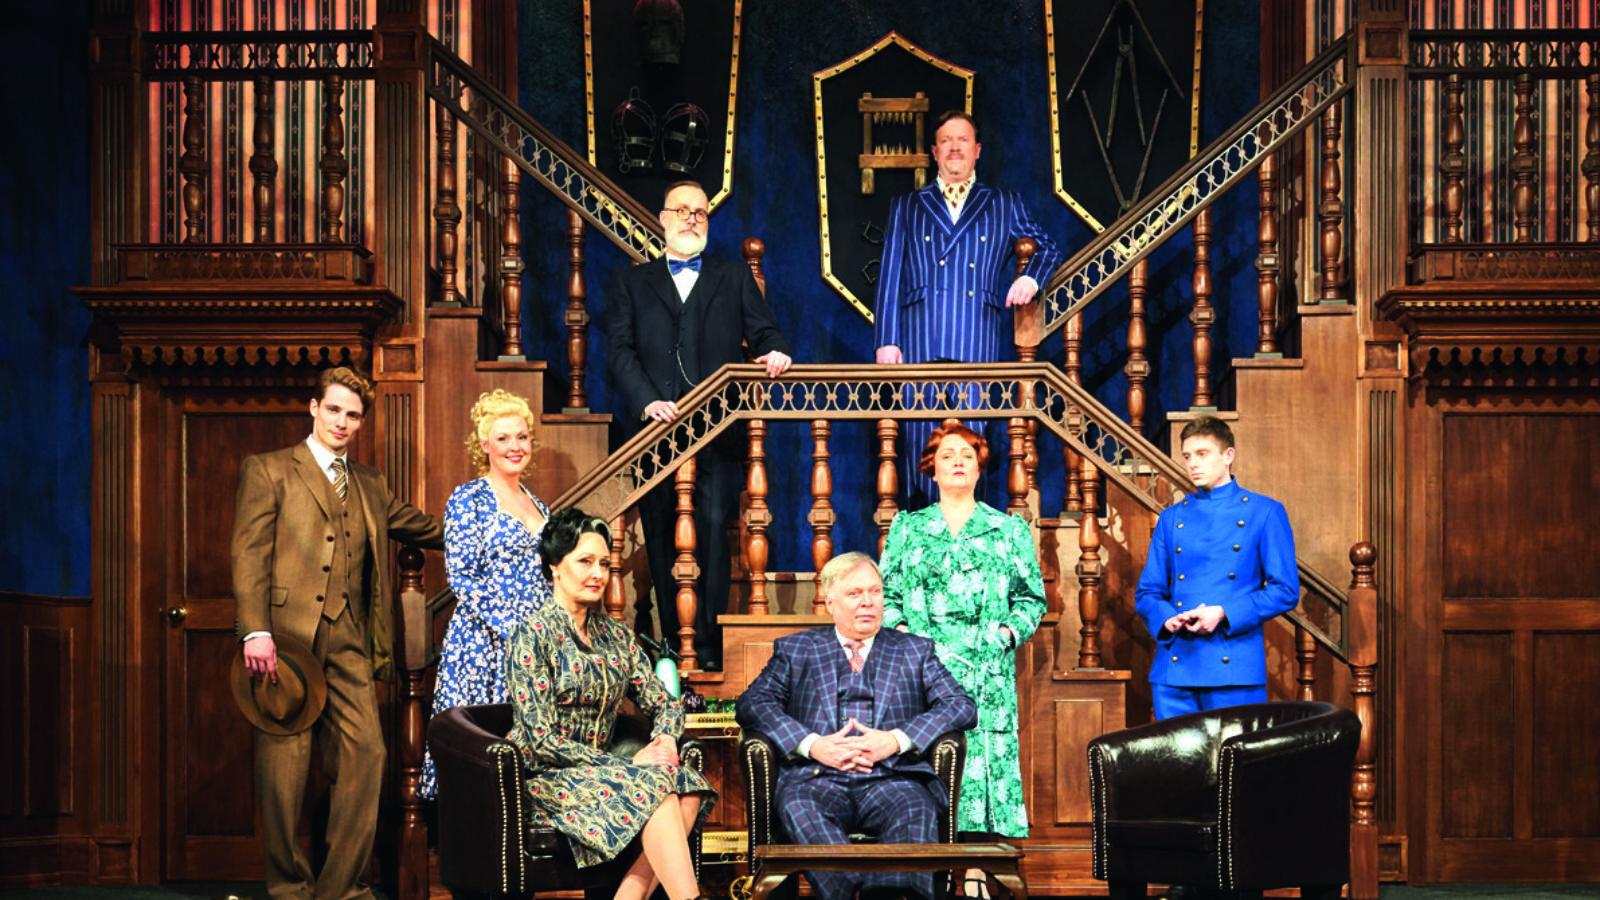 Edgar Wallace: Die Tür mit den sieben Schlössern - Imperial Theater